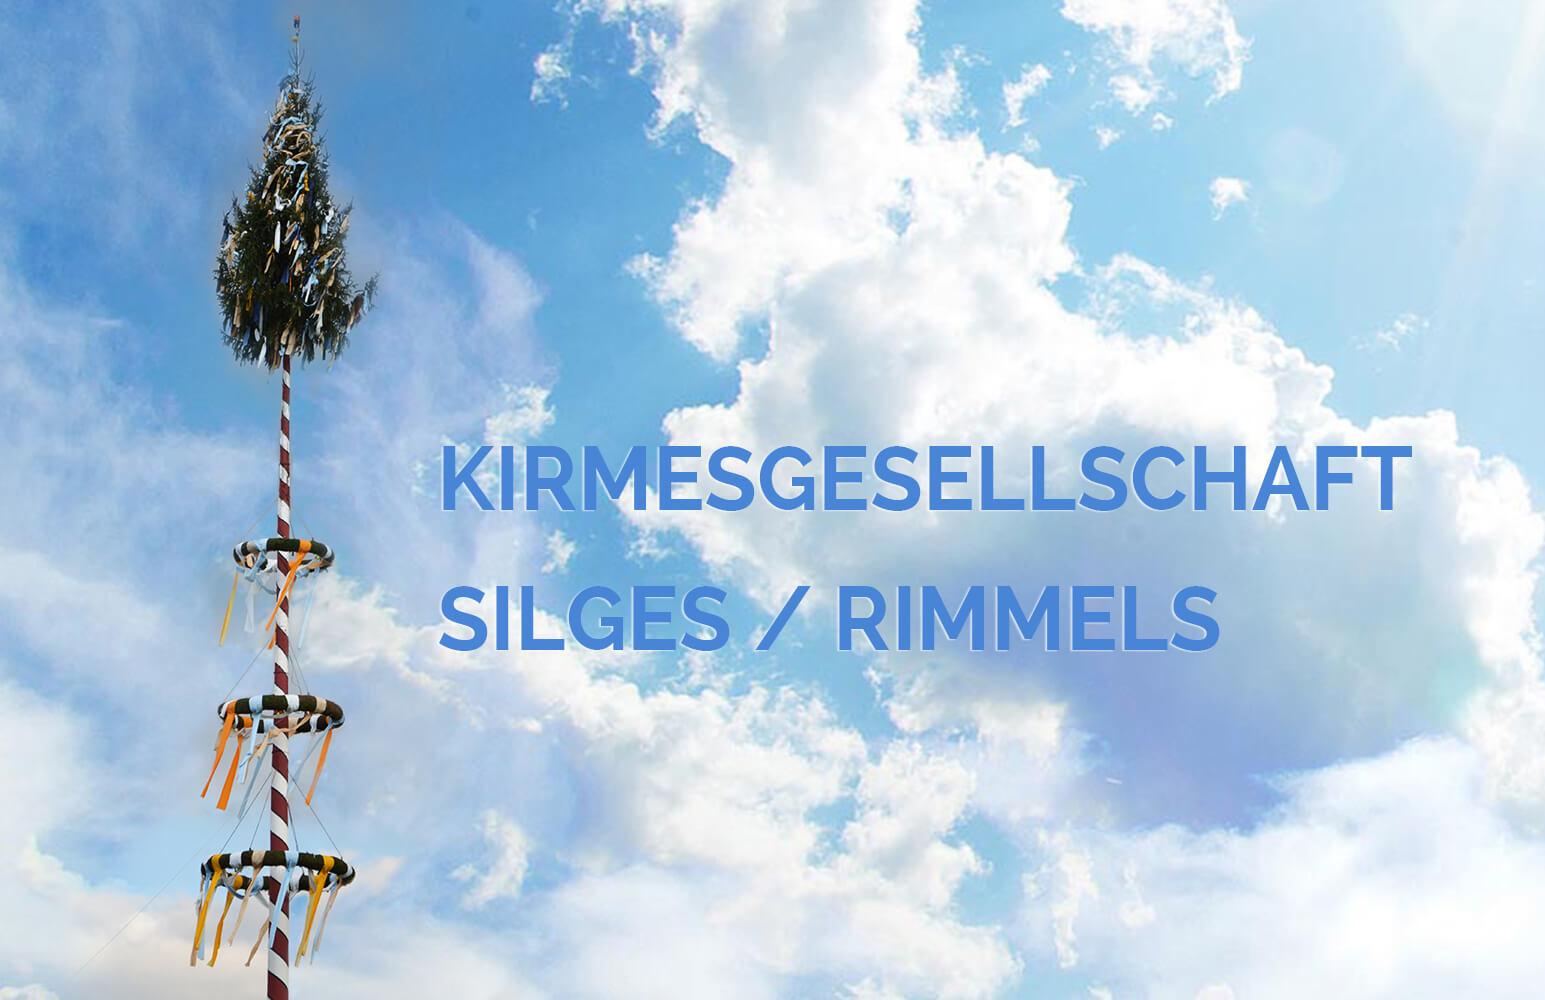 Kirmesgesellschaft Silges / Rimmels